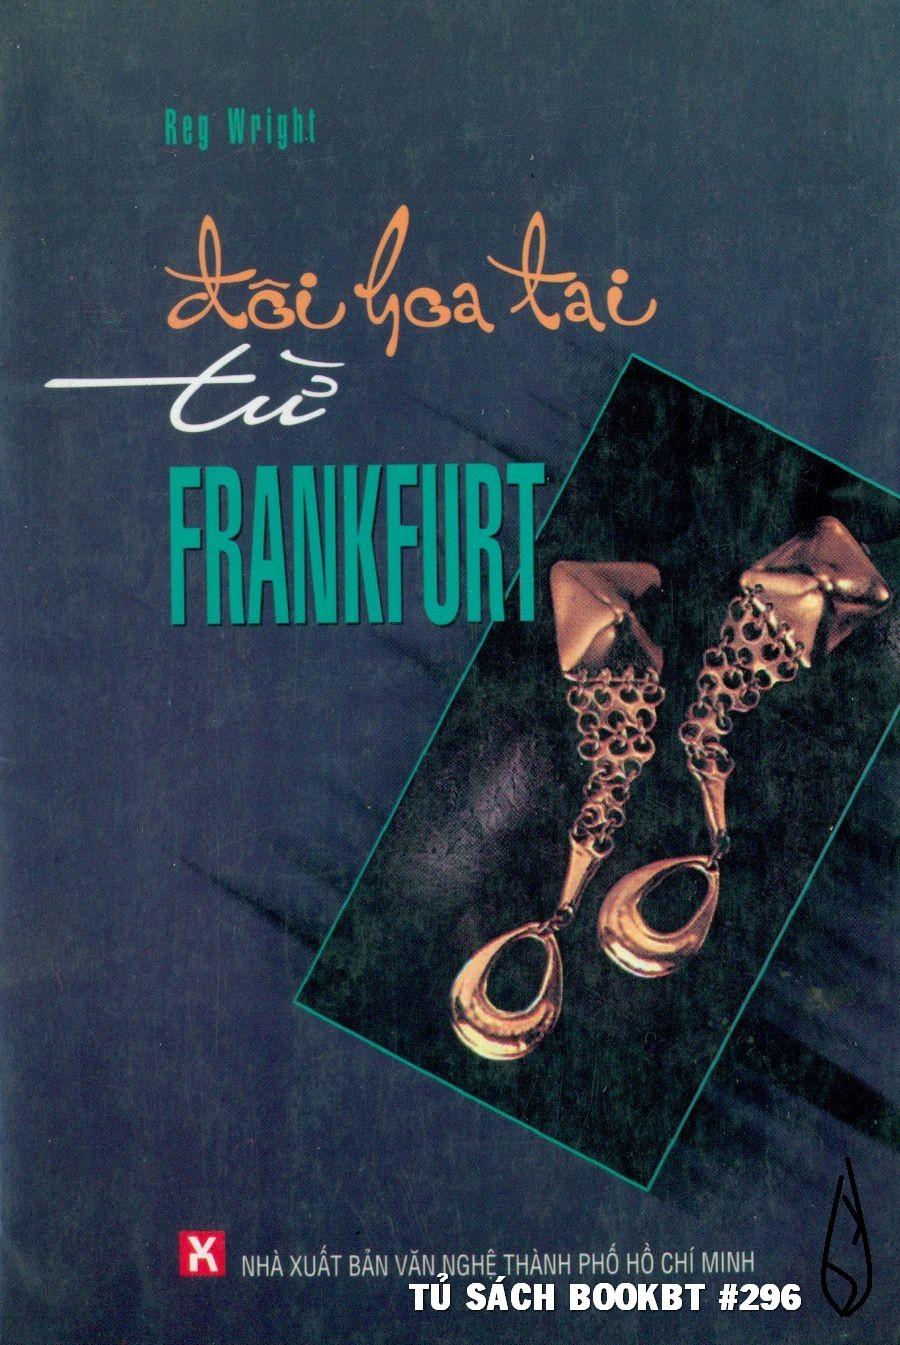 Đôi Hoa Tai từ Frankfurt - Reg Wright